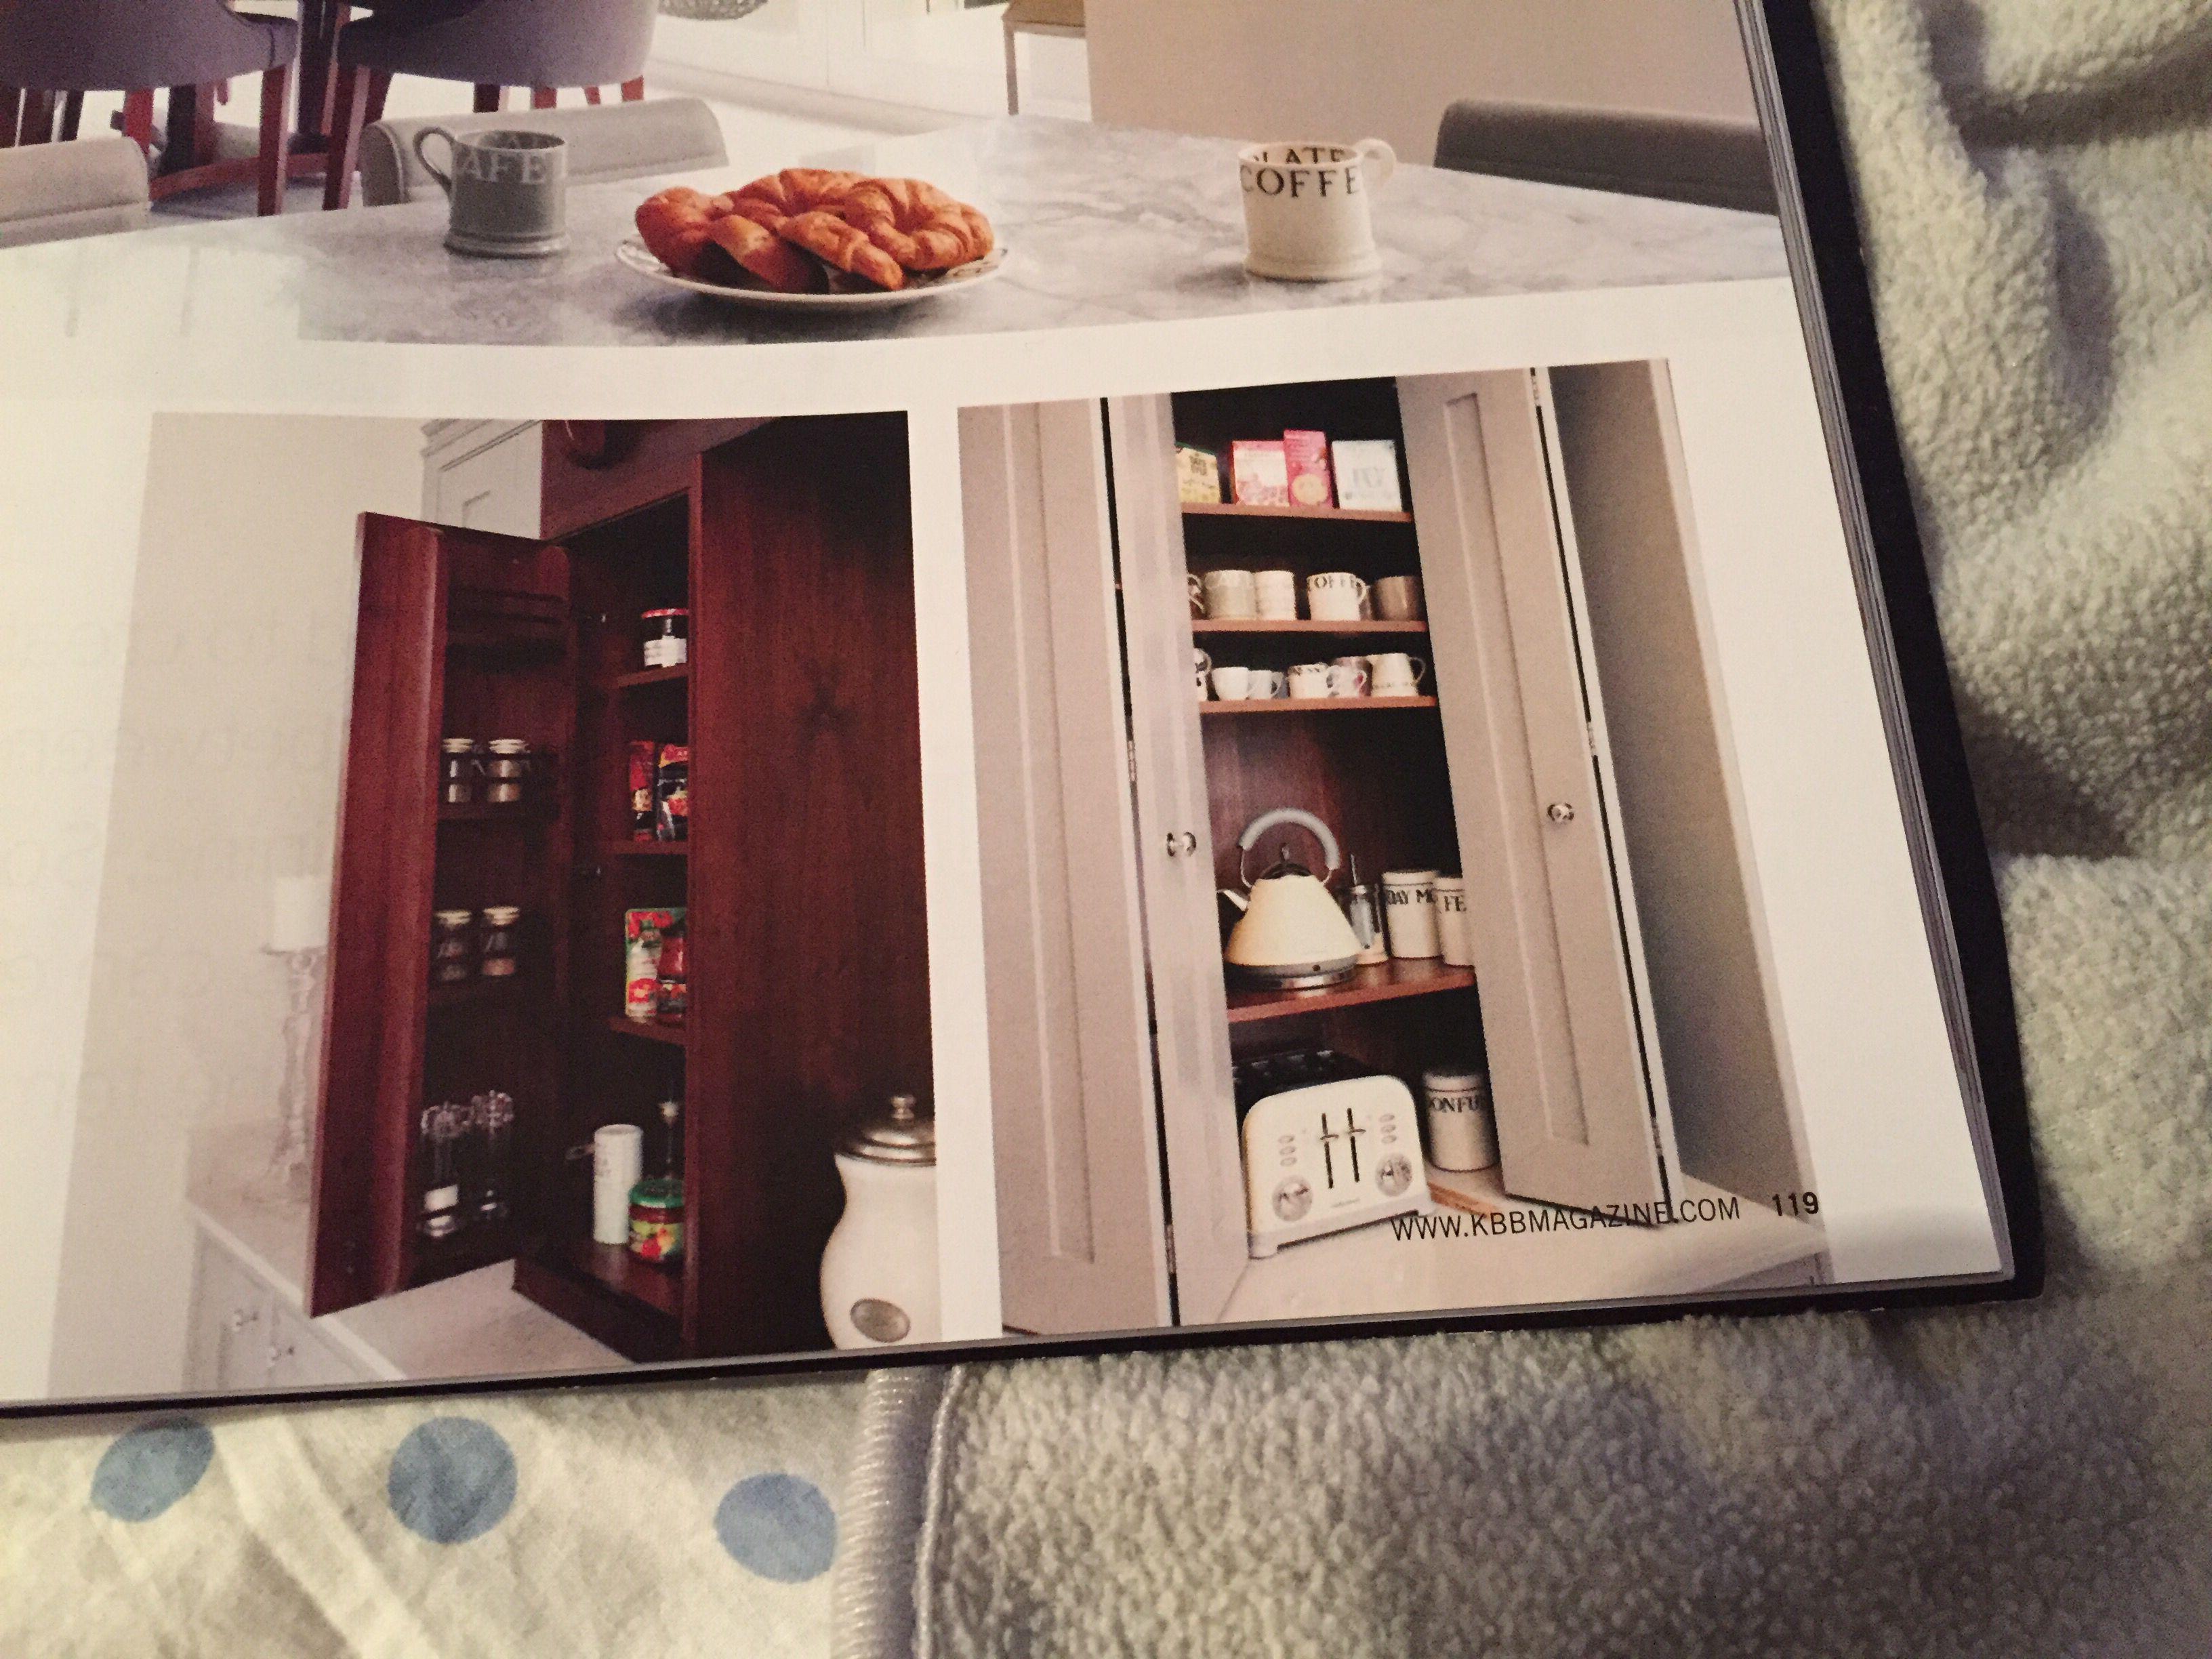 Küche - Regal hinter Türen | Inspirations | Pinterest | Regal, Türen ...